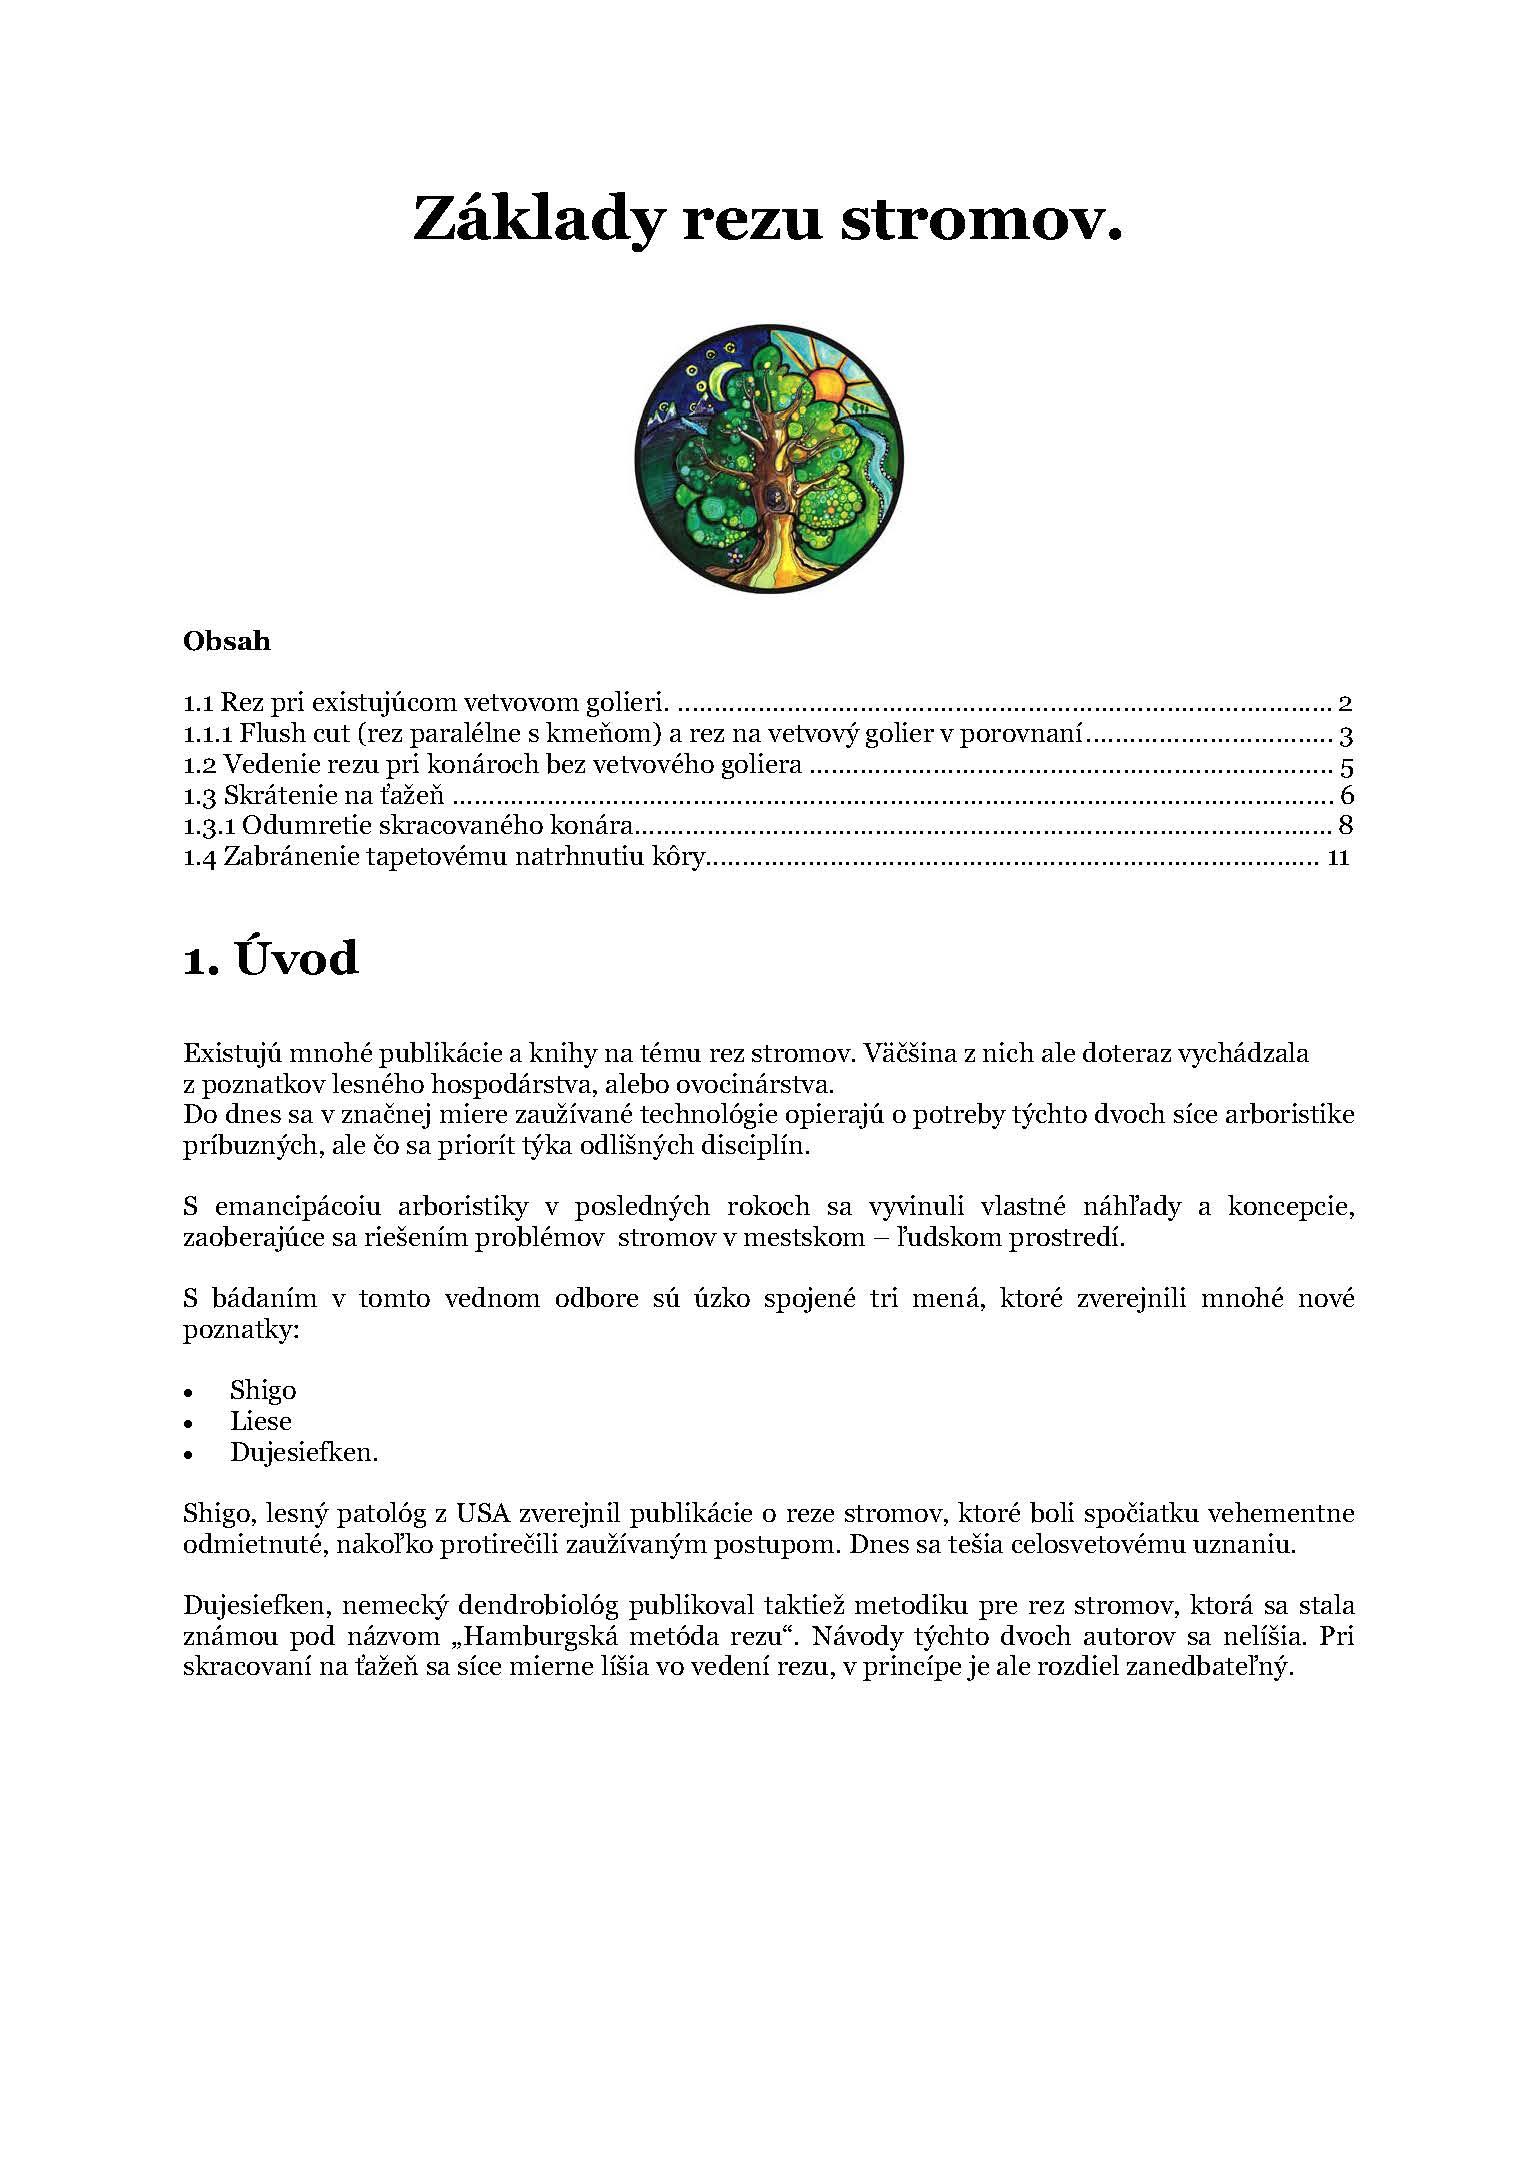 Zaklady_rezu_stromov_Flora_Page_1